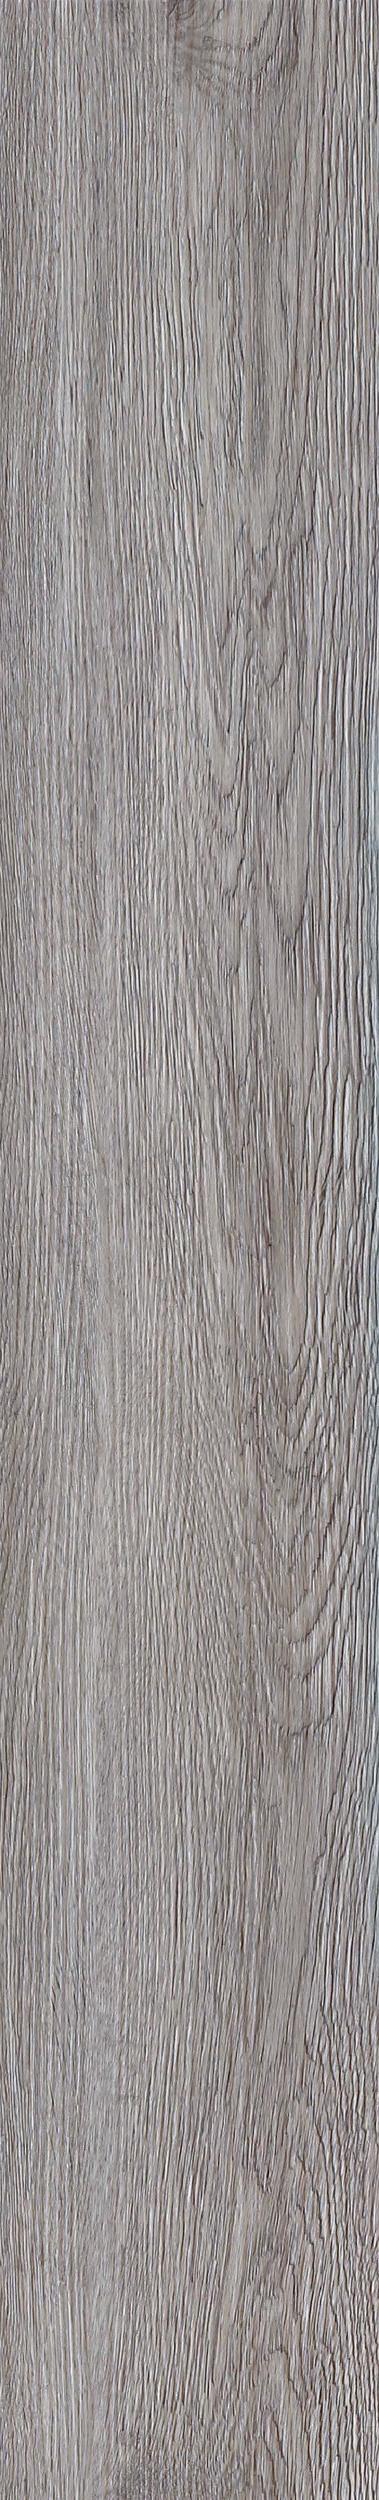 038 Silver Oak